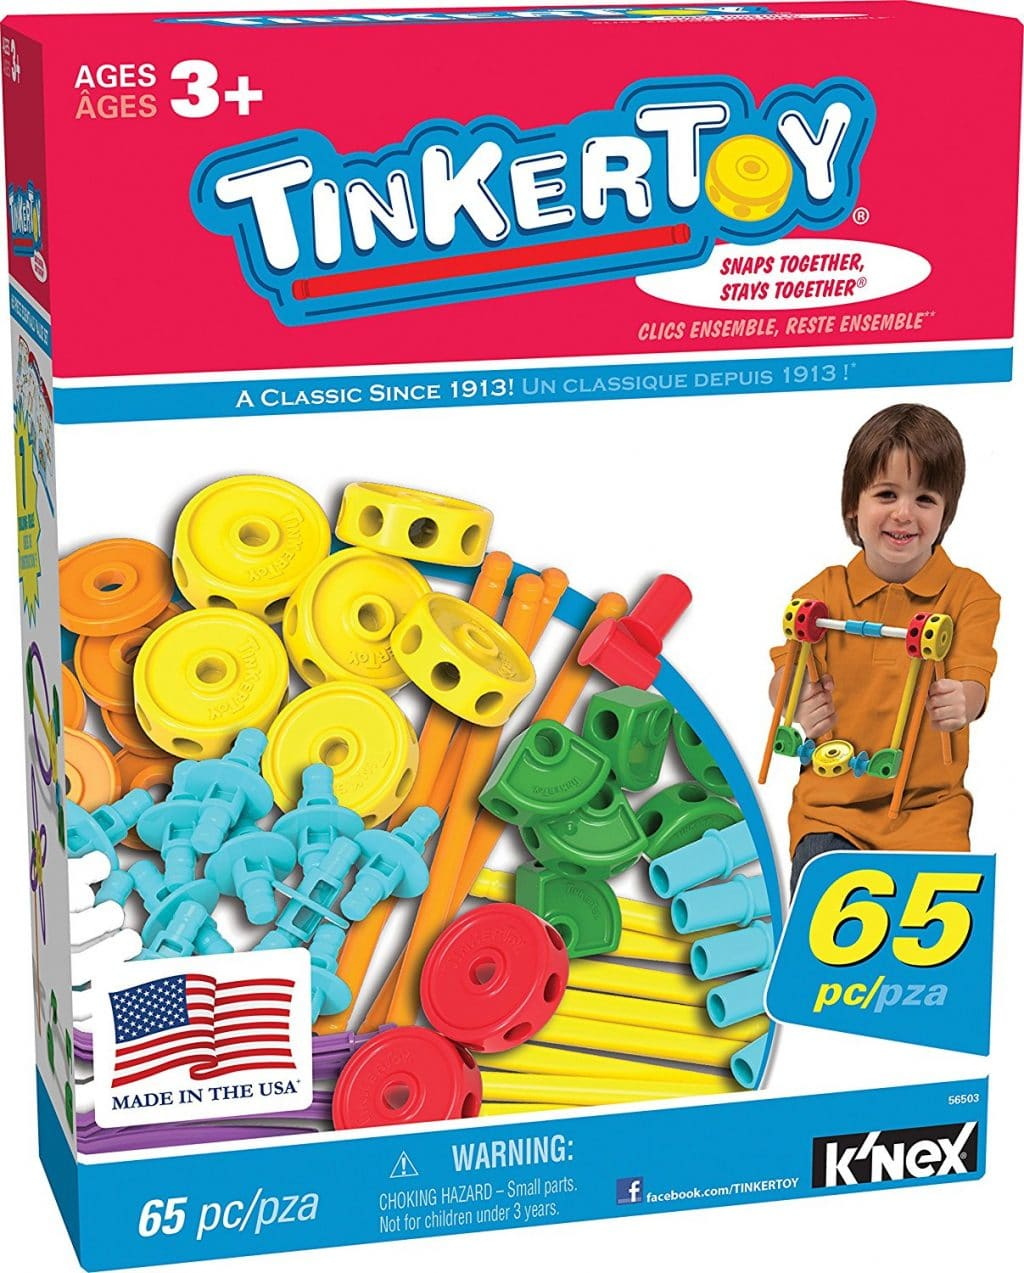 Tinkertoy 65 Piece Value Set Only $14.49! (Reg. $25!)